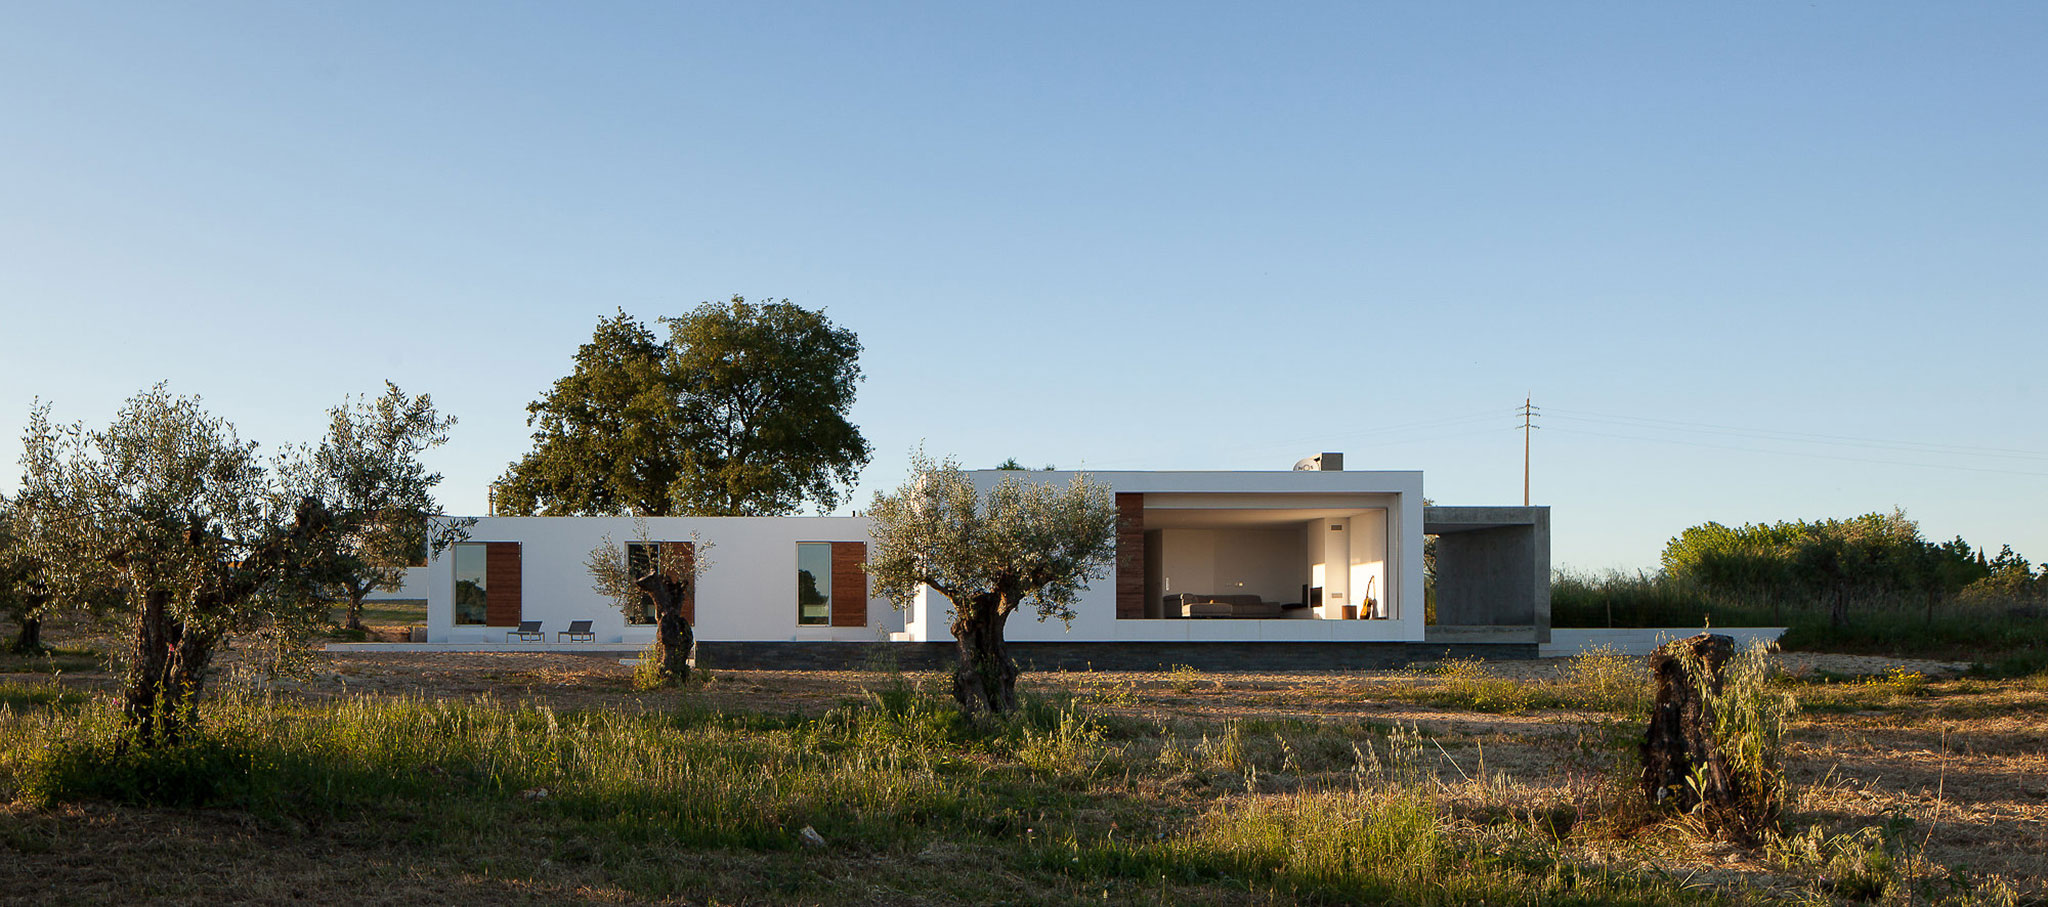 Casa del Anillo por Vasco Cabral + Sofia Saraiva  Architects. Fotografía © José Campos